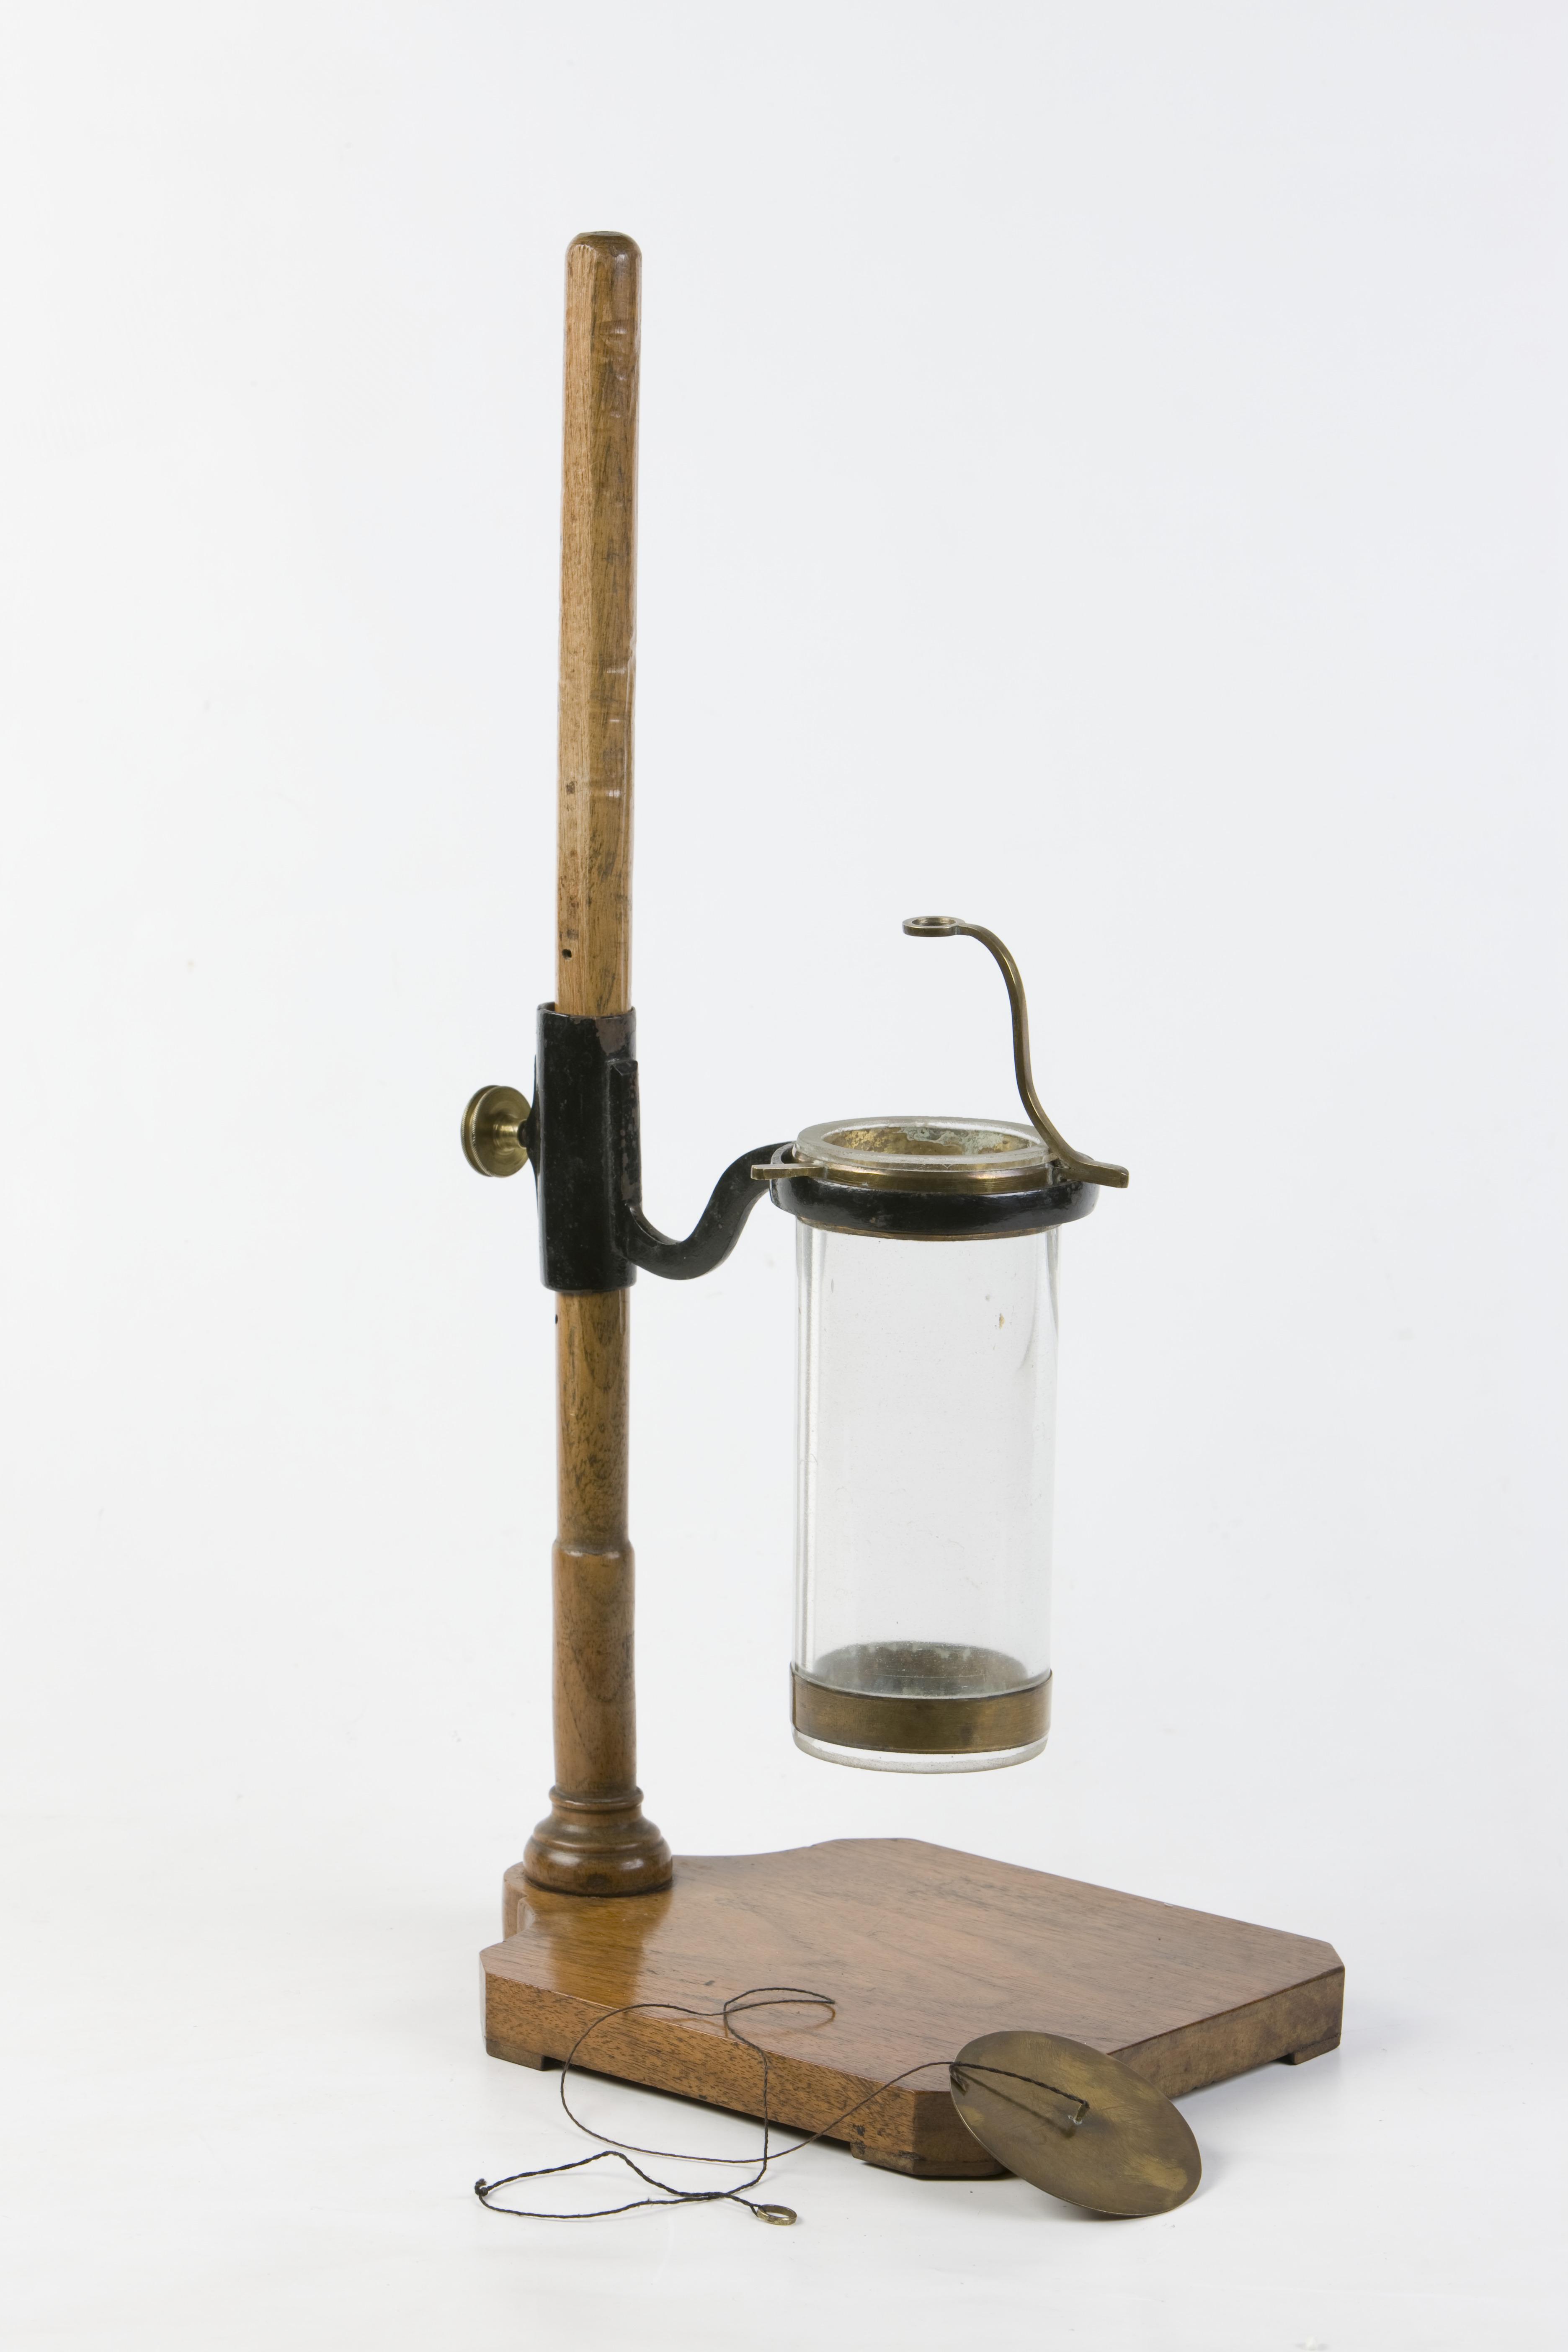 2- Apparecchio per  mostrare la pressione esercitata da un liquido dal basso verso l'alto, incompleto